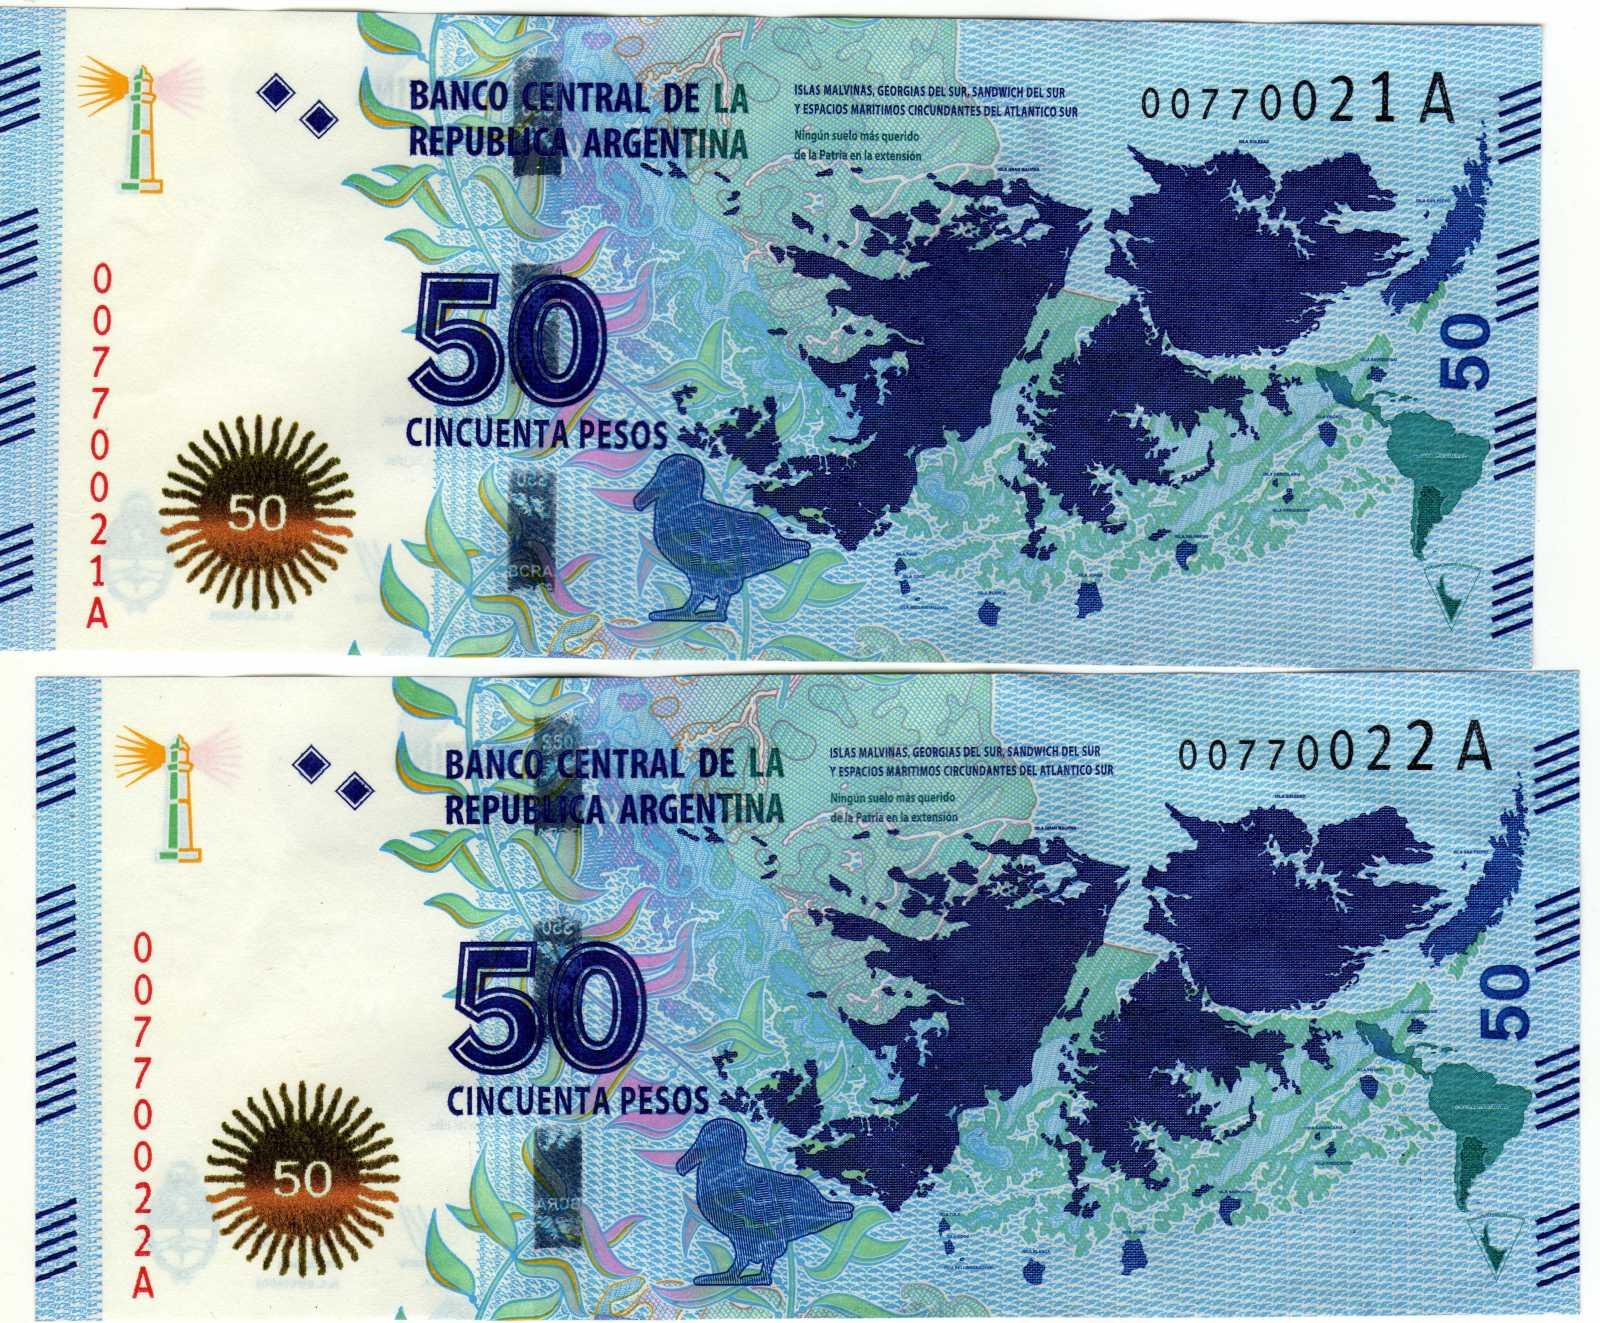 Nuevo Billete de 50 Pesos de Argentina - Un Amor Soberano 2z4jrid